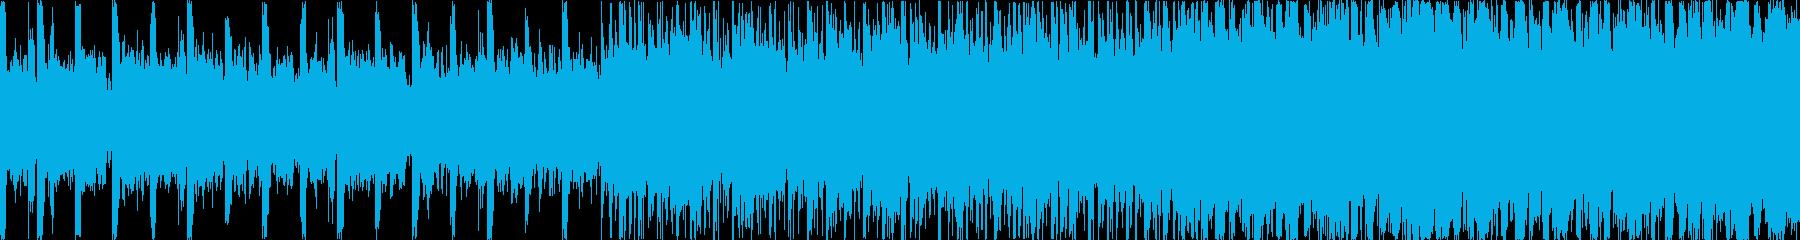 ダークで激しいデジタルロックの再生済みの波形